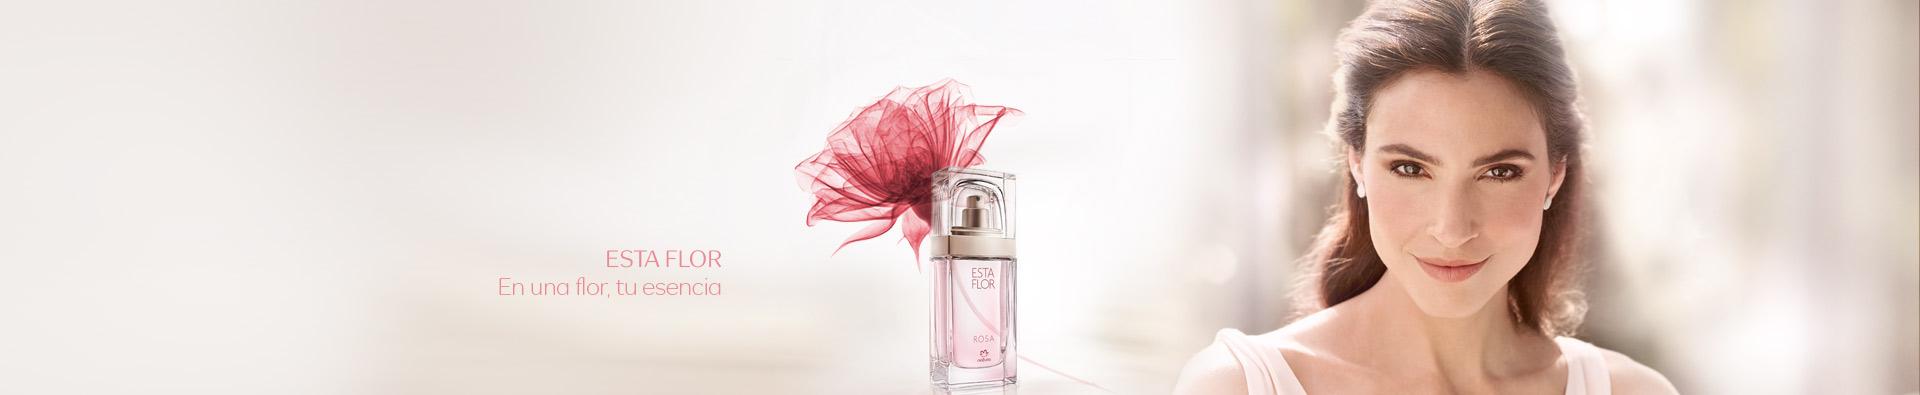 Perfume Esta Flor con flor de bulgaria por detras junto a mujer